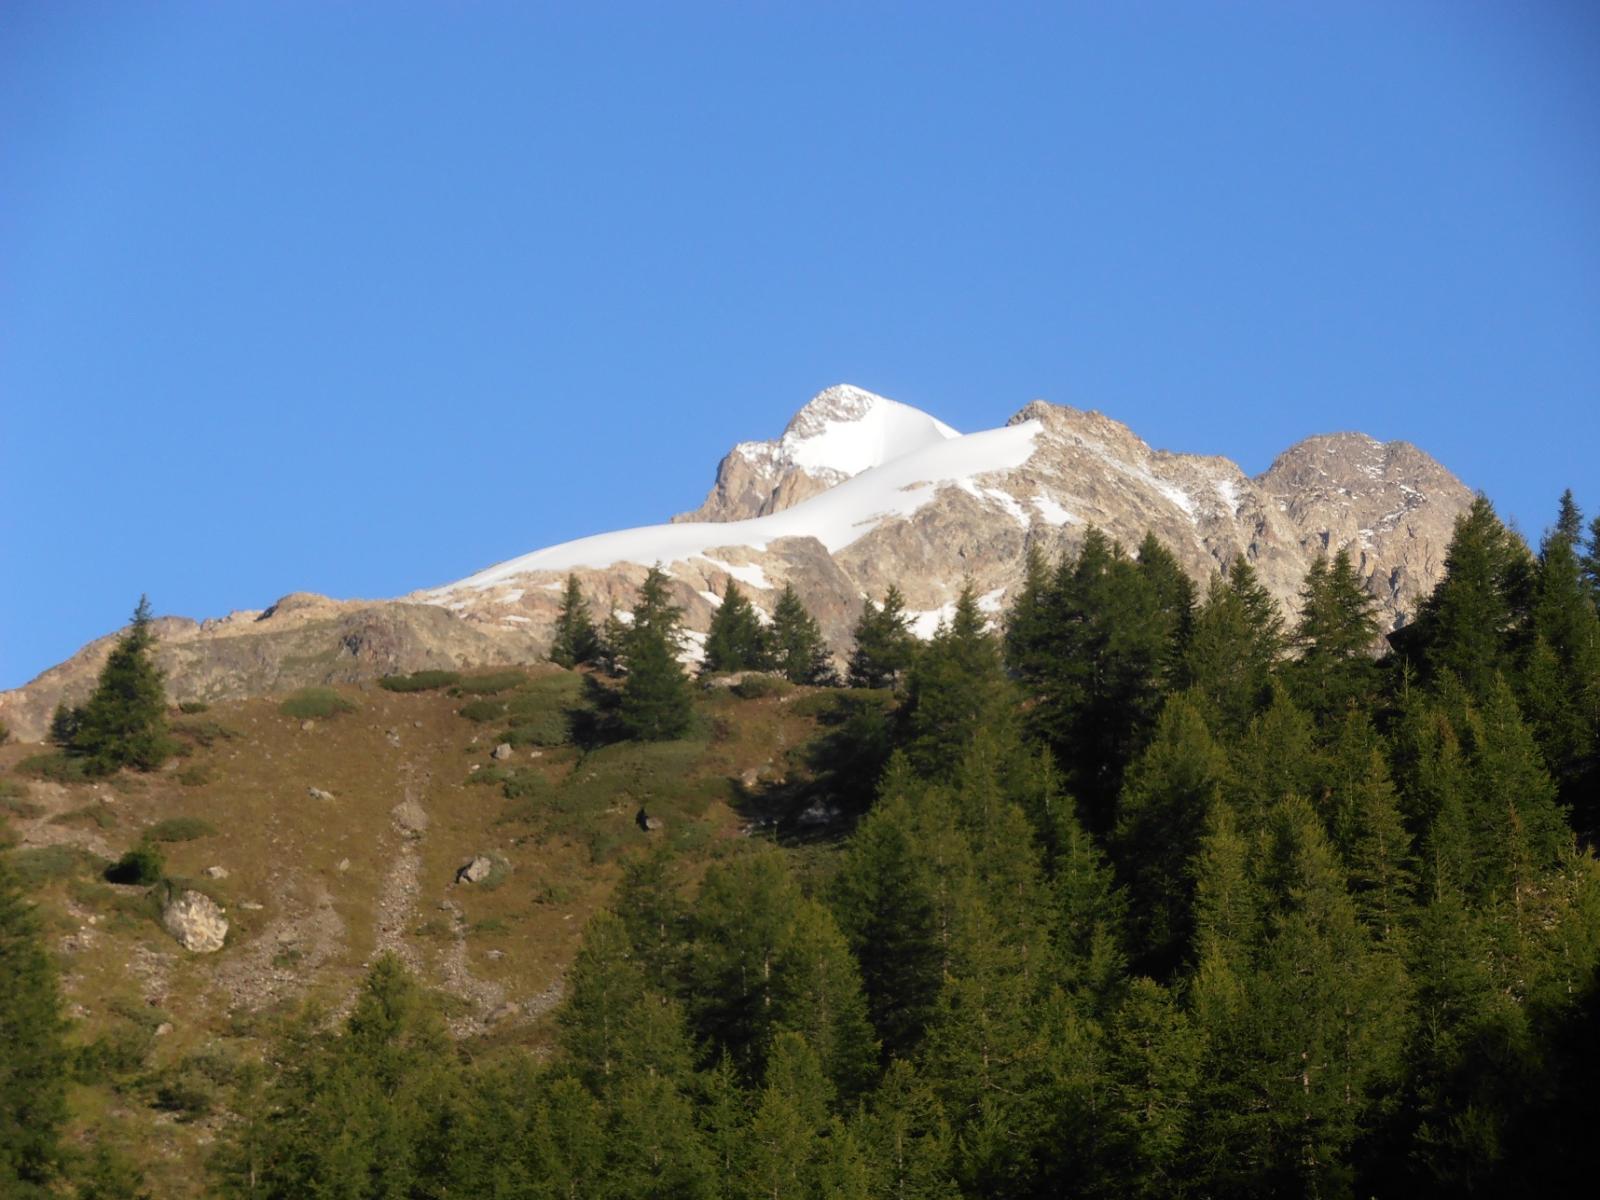 03 - Aguille de Trelatete, P.Mont Blanc e pendio innevato da risalire